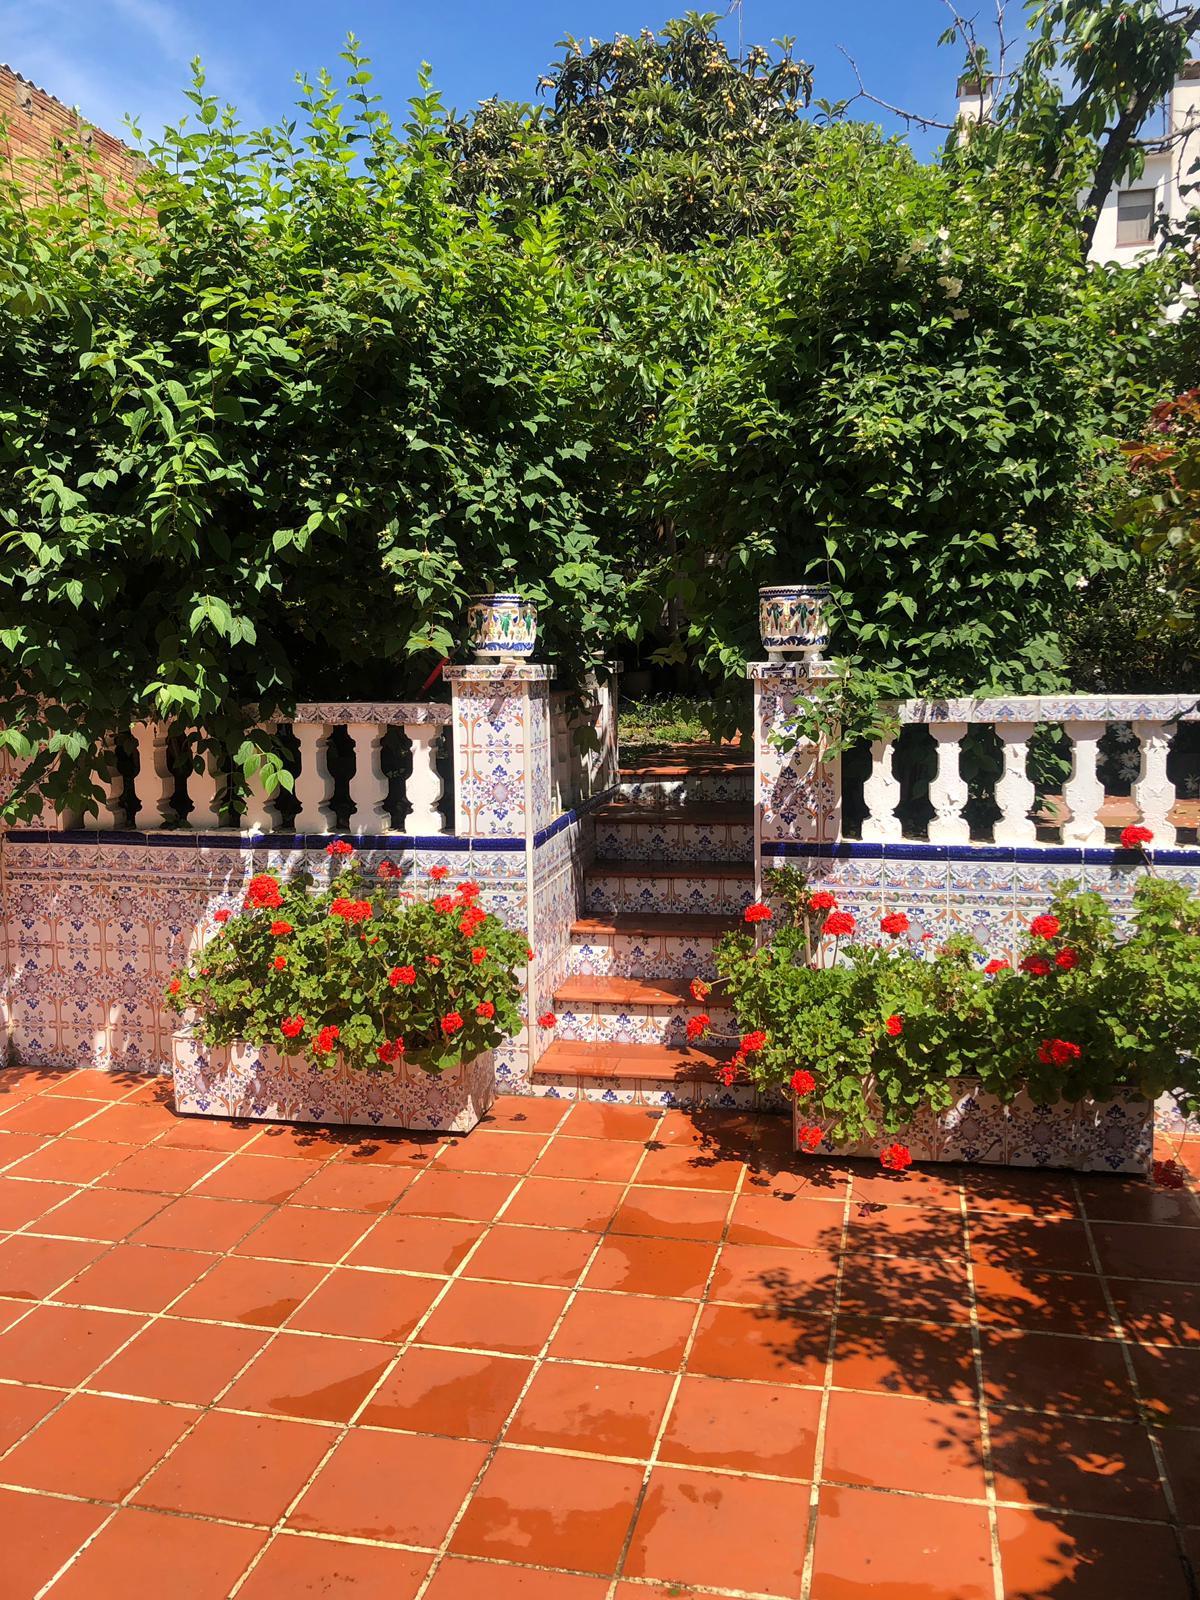 Imagen 2 Casa Adosada en venta en Martorelles / Martorelles- Centro -Casa adosada exterior